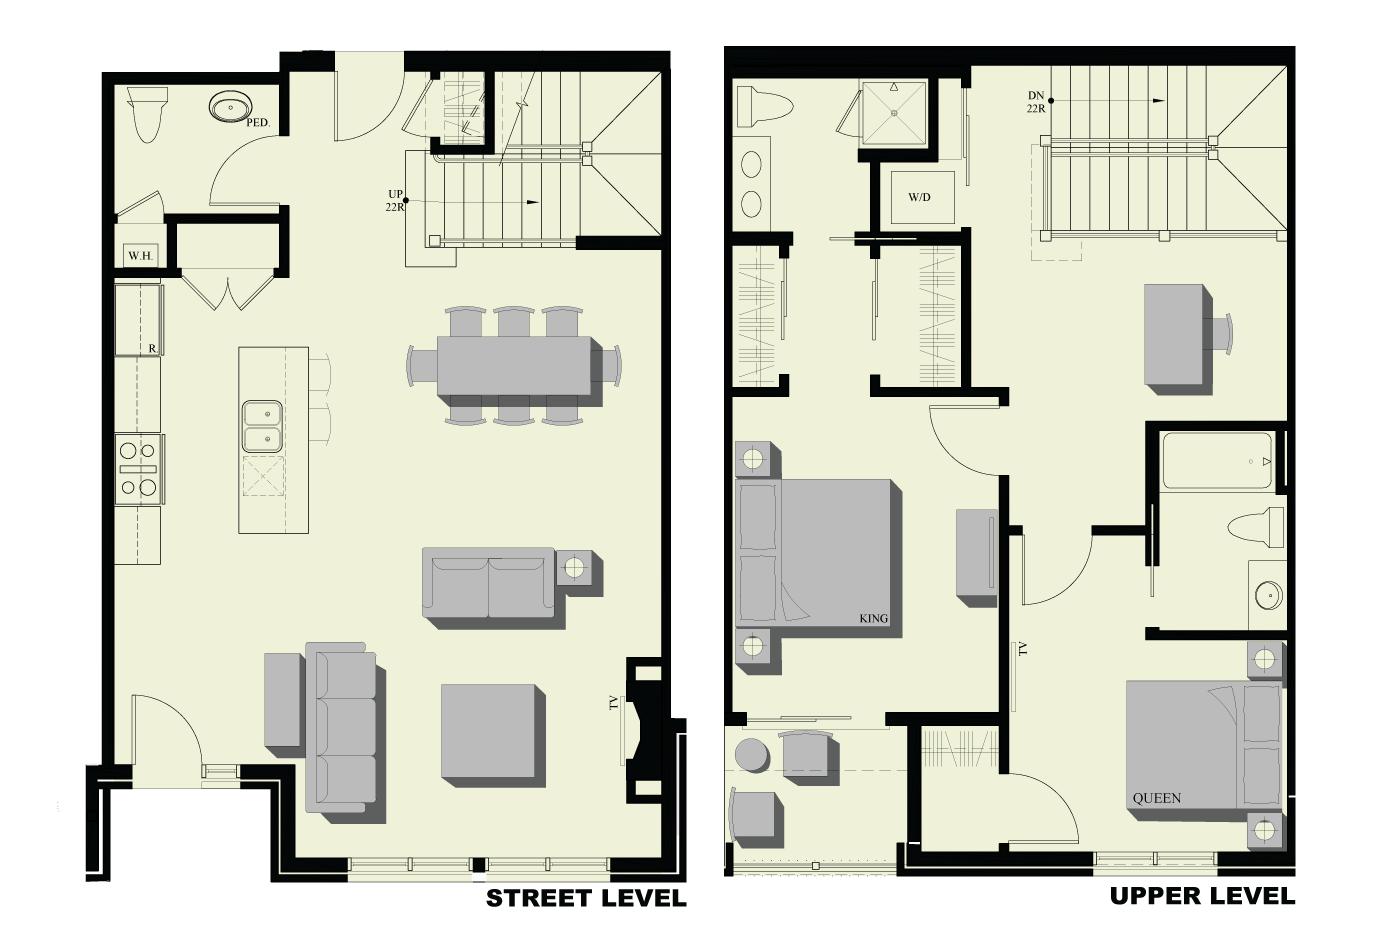 107 condominium